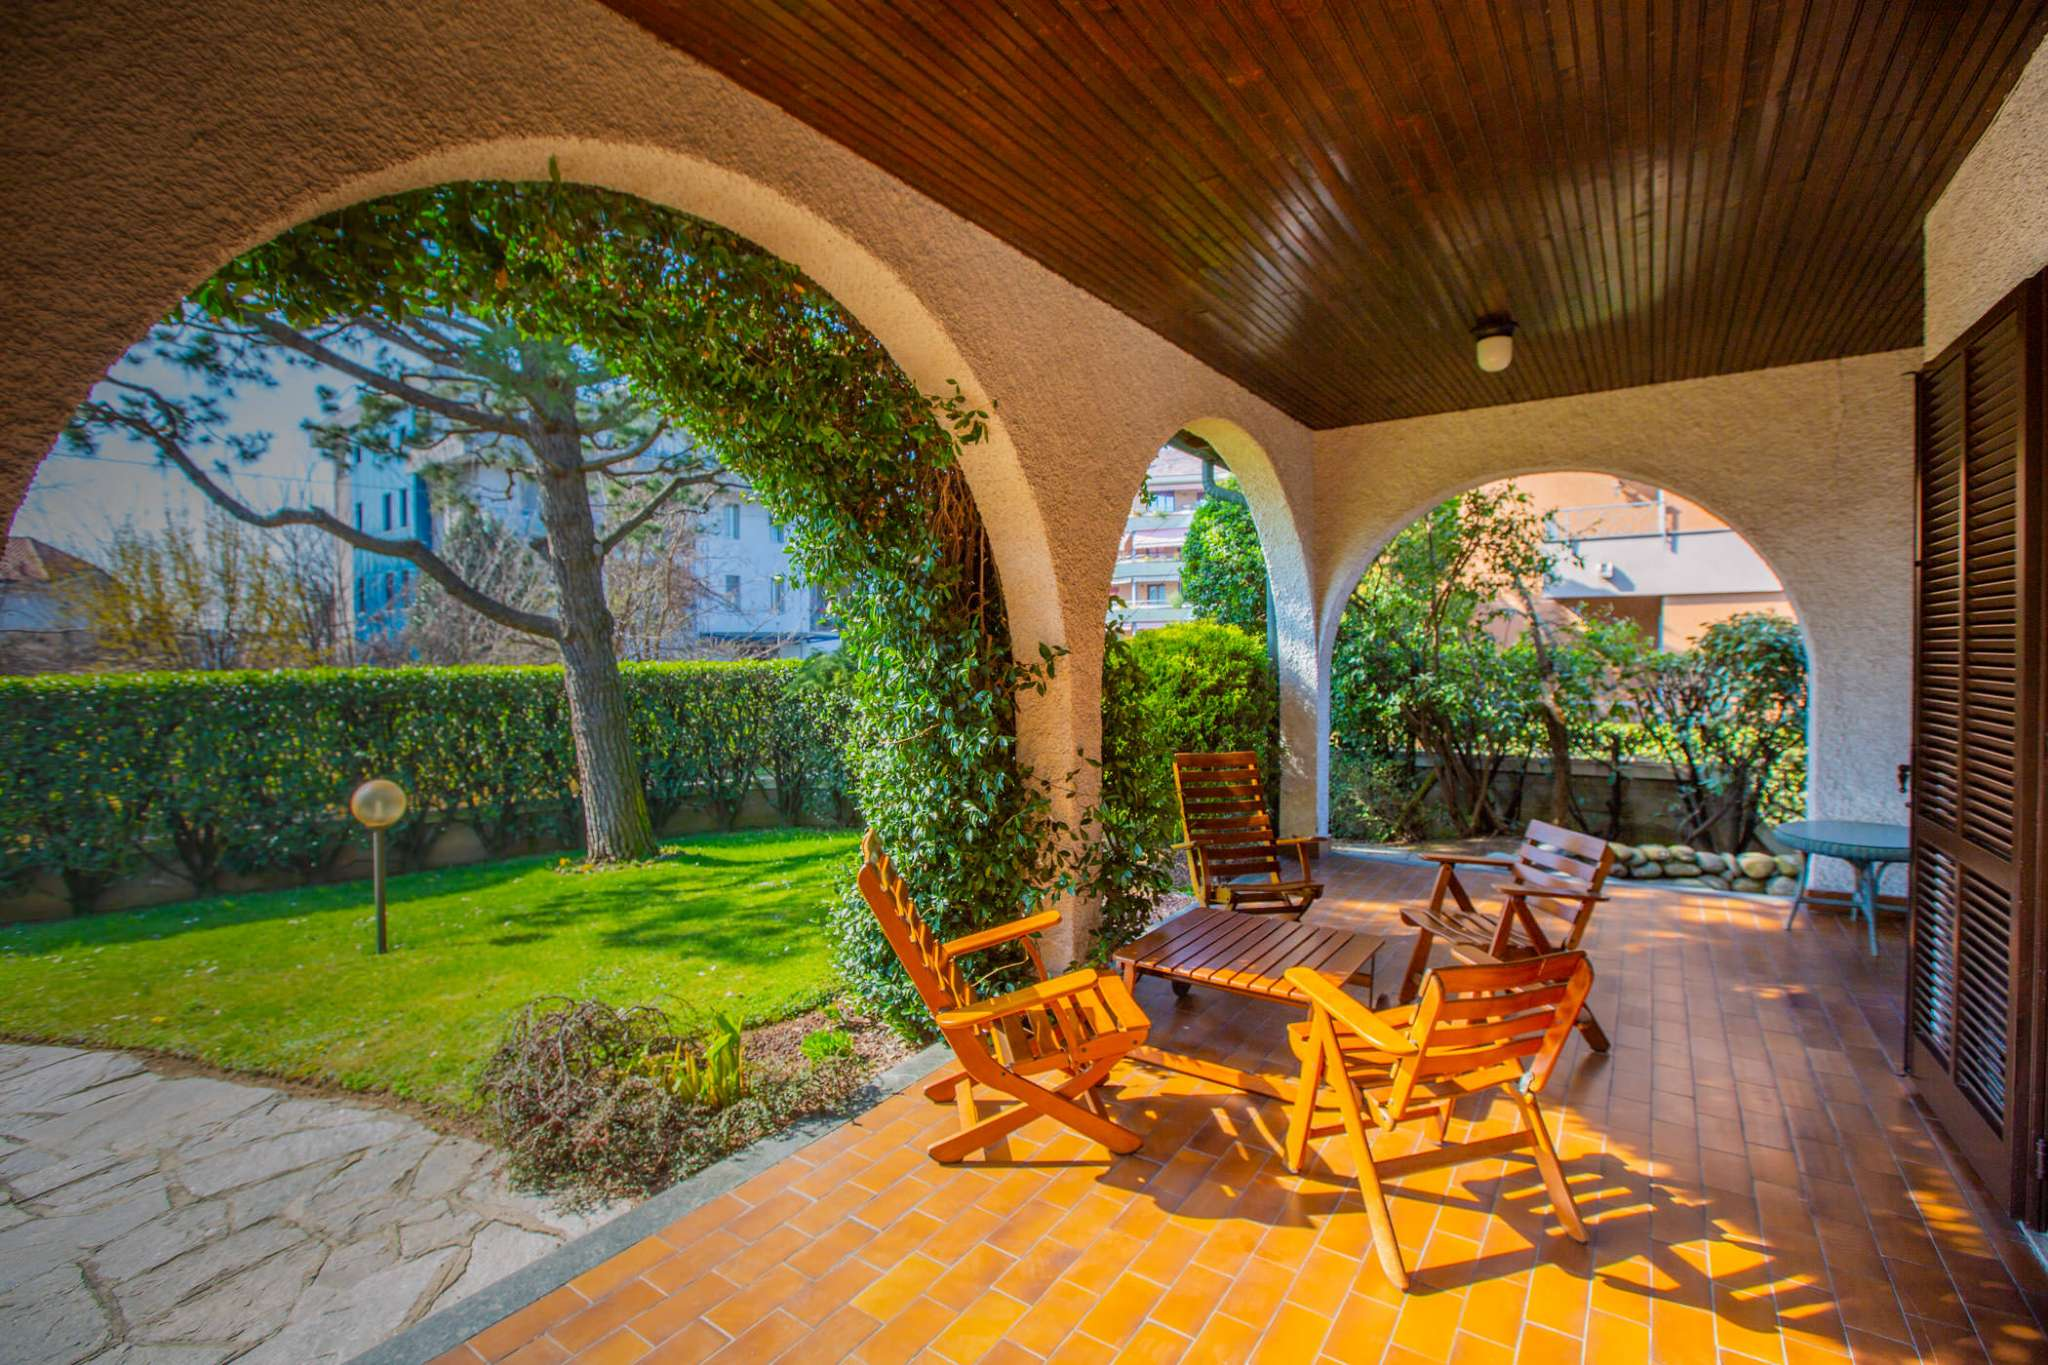 Villa bifamiliare con giardino privato